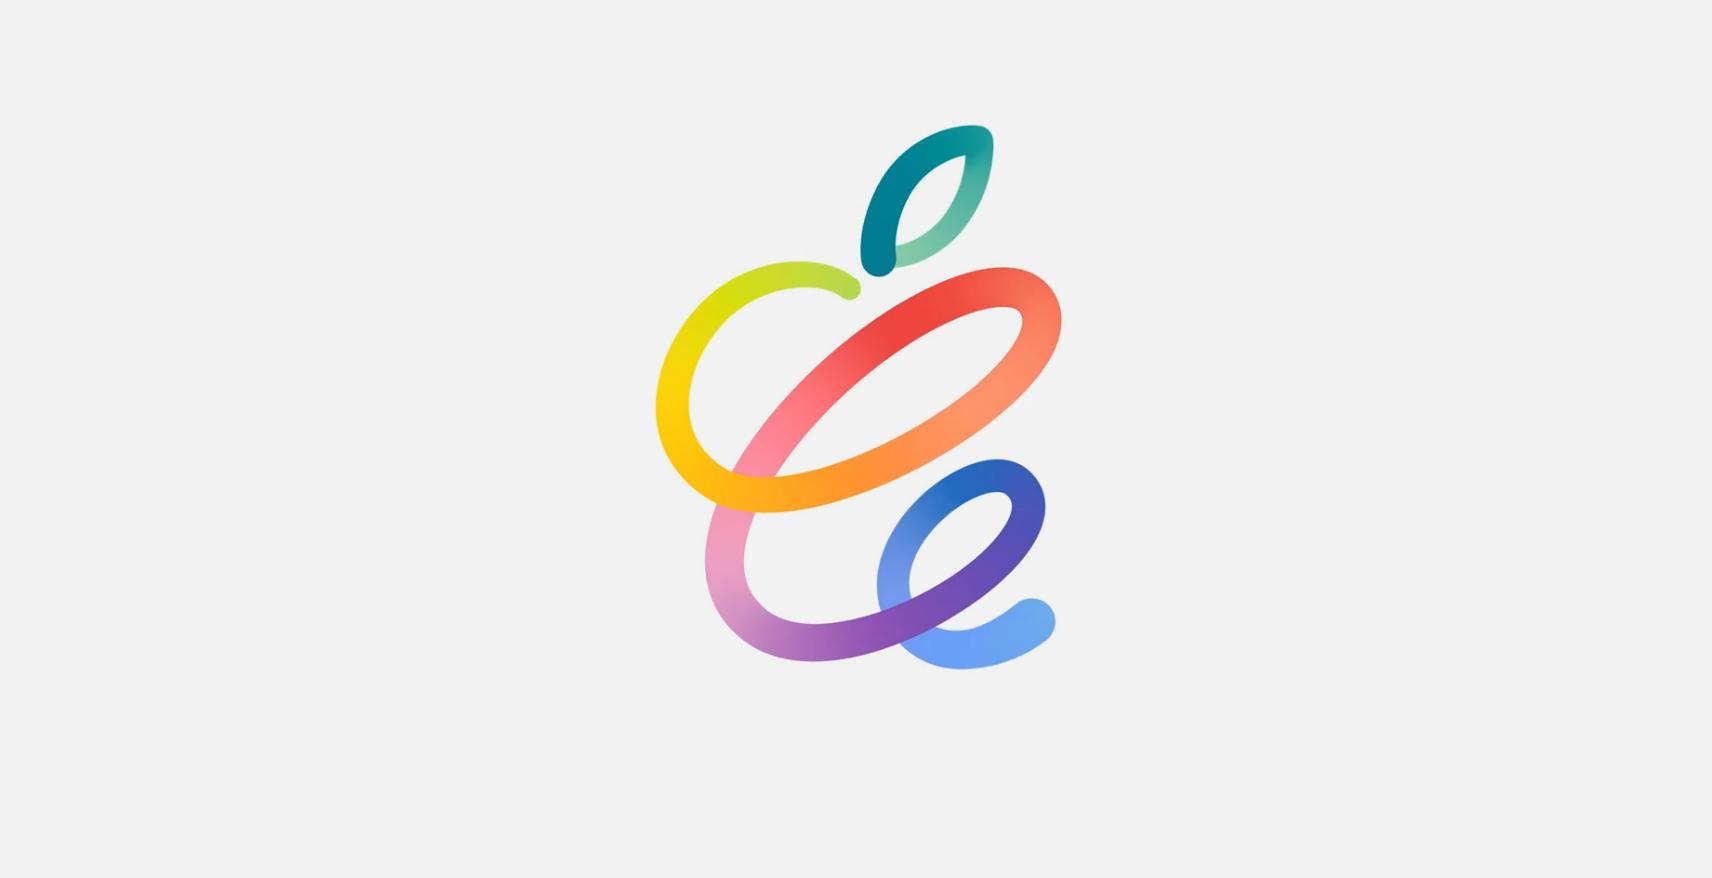 Apple novinky 2021 z udalosti Spring Loaded